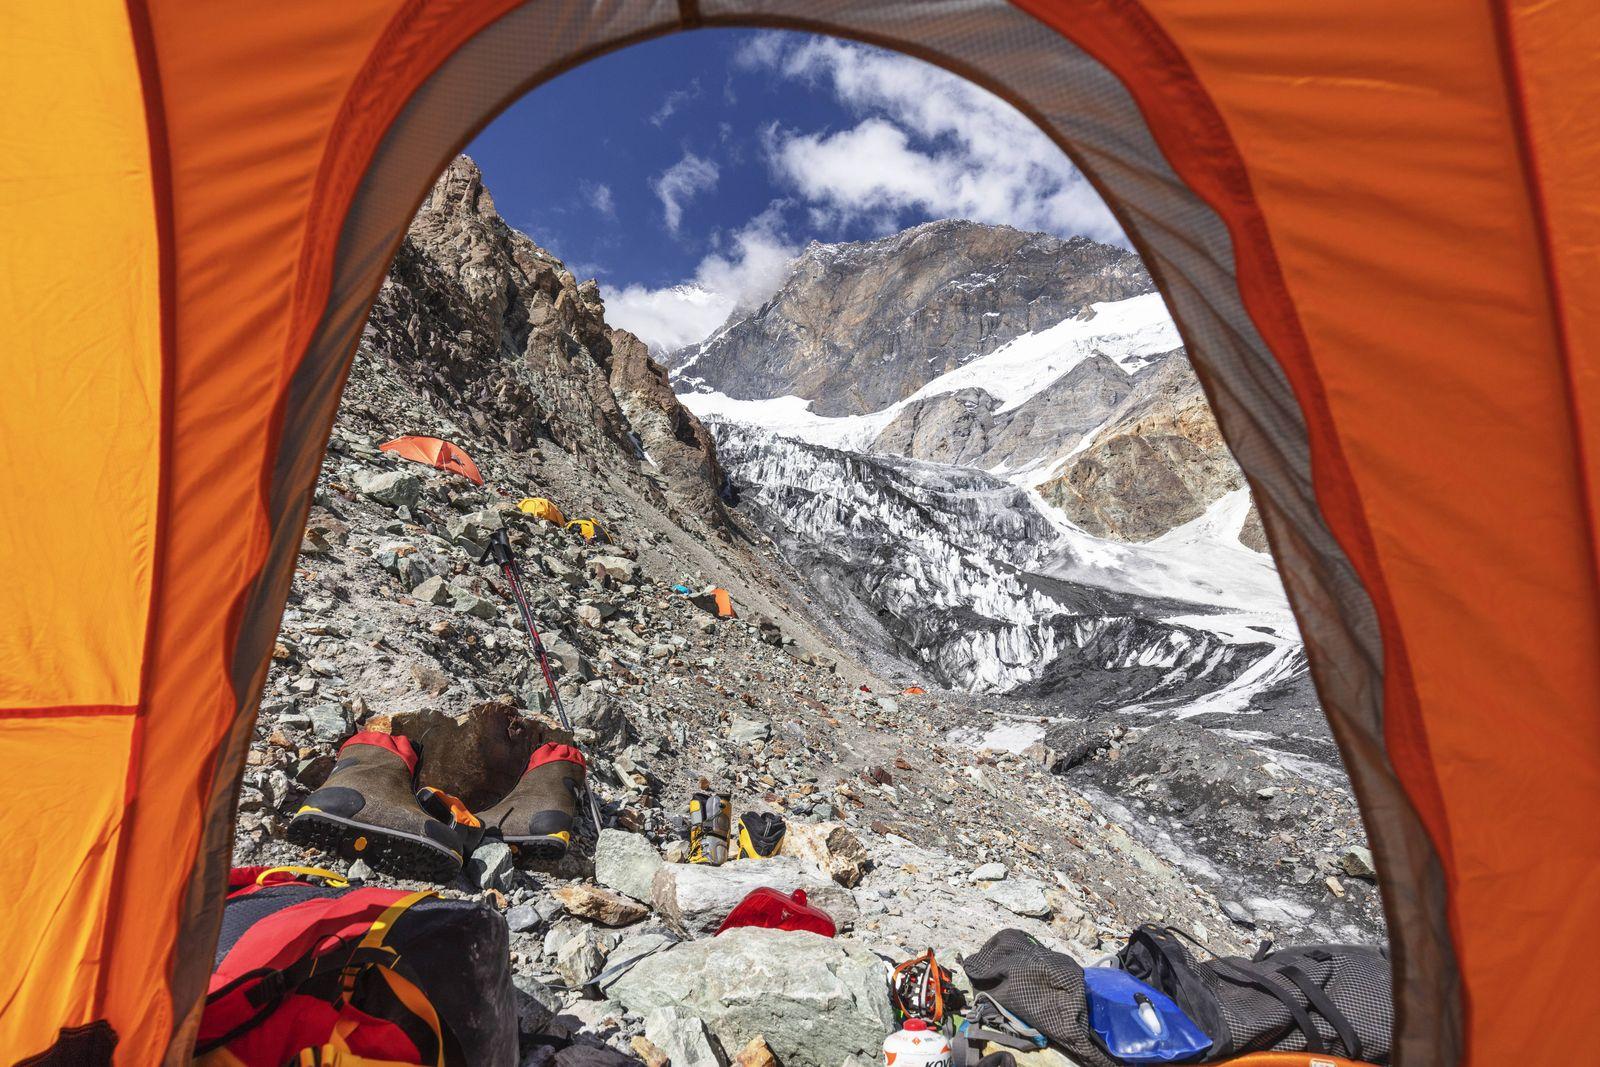 Tents at Camp 1 at 5100m on Peak Korzhenevskaya 7105m Tajik National Park Mountains of the Pamirs